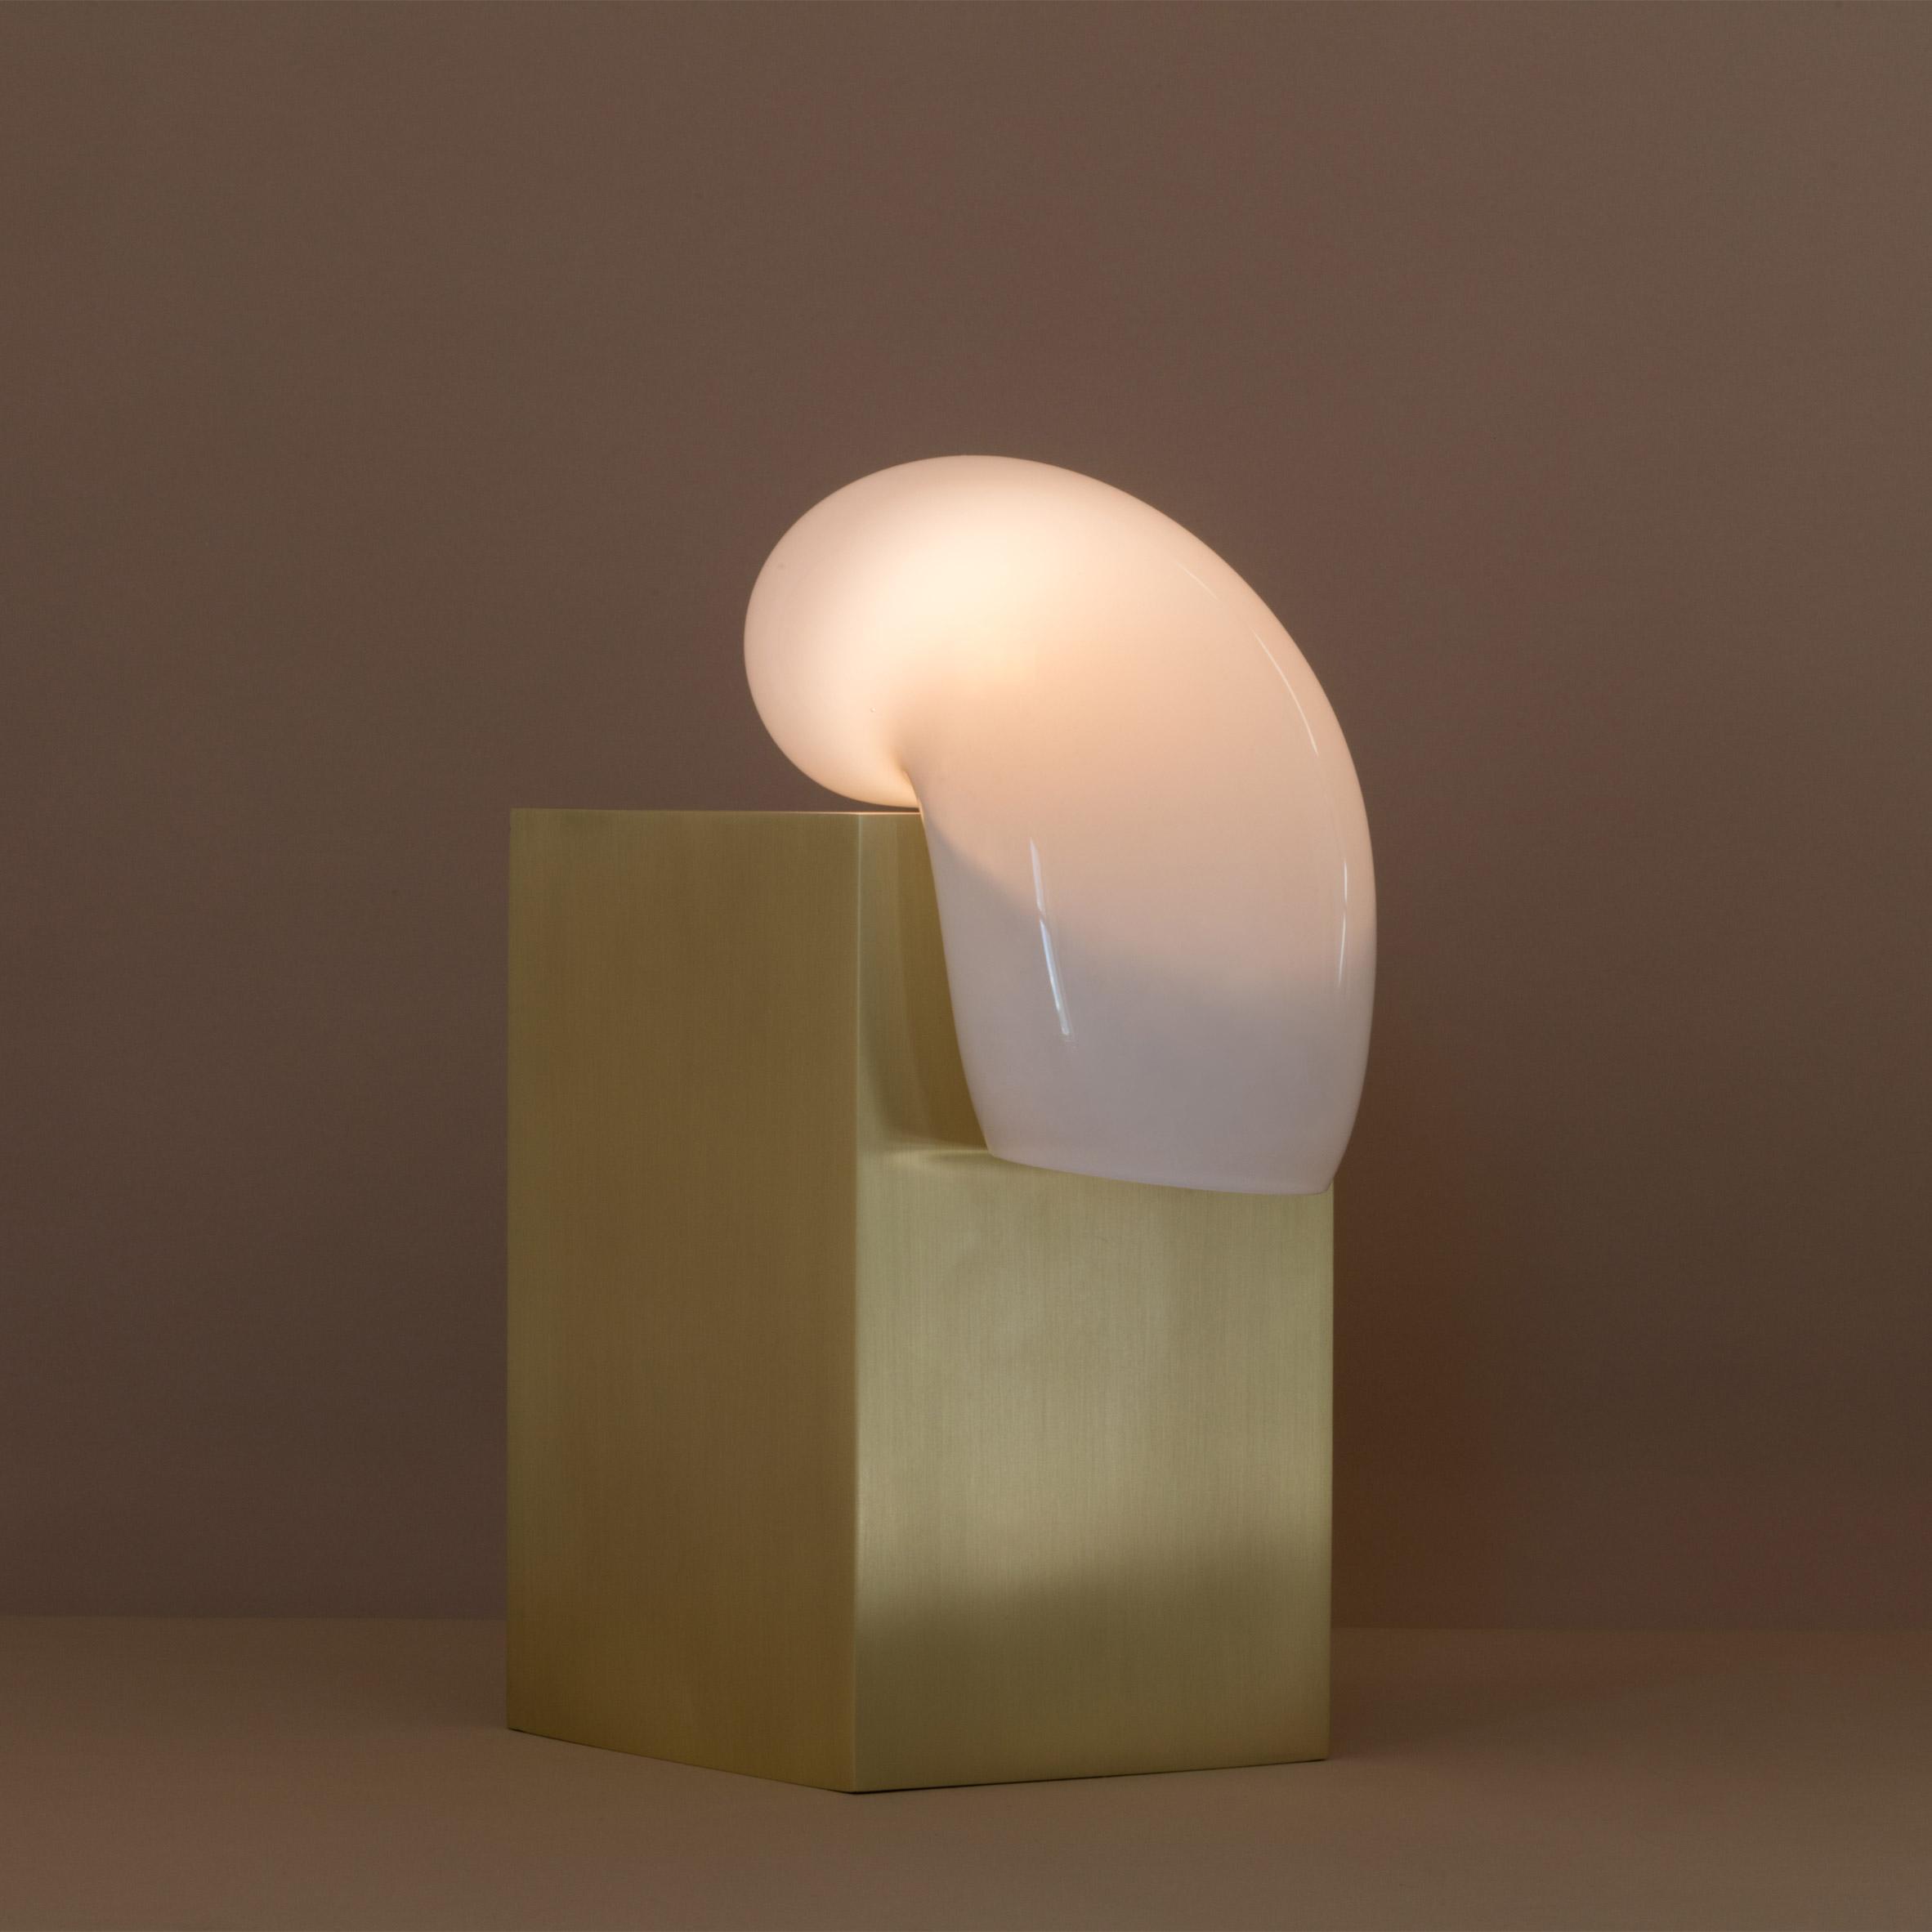 светильники минимализм